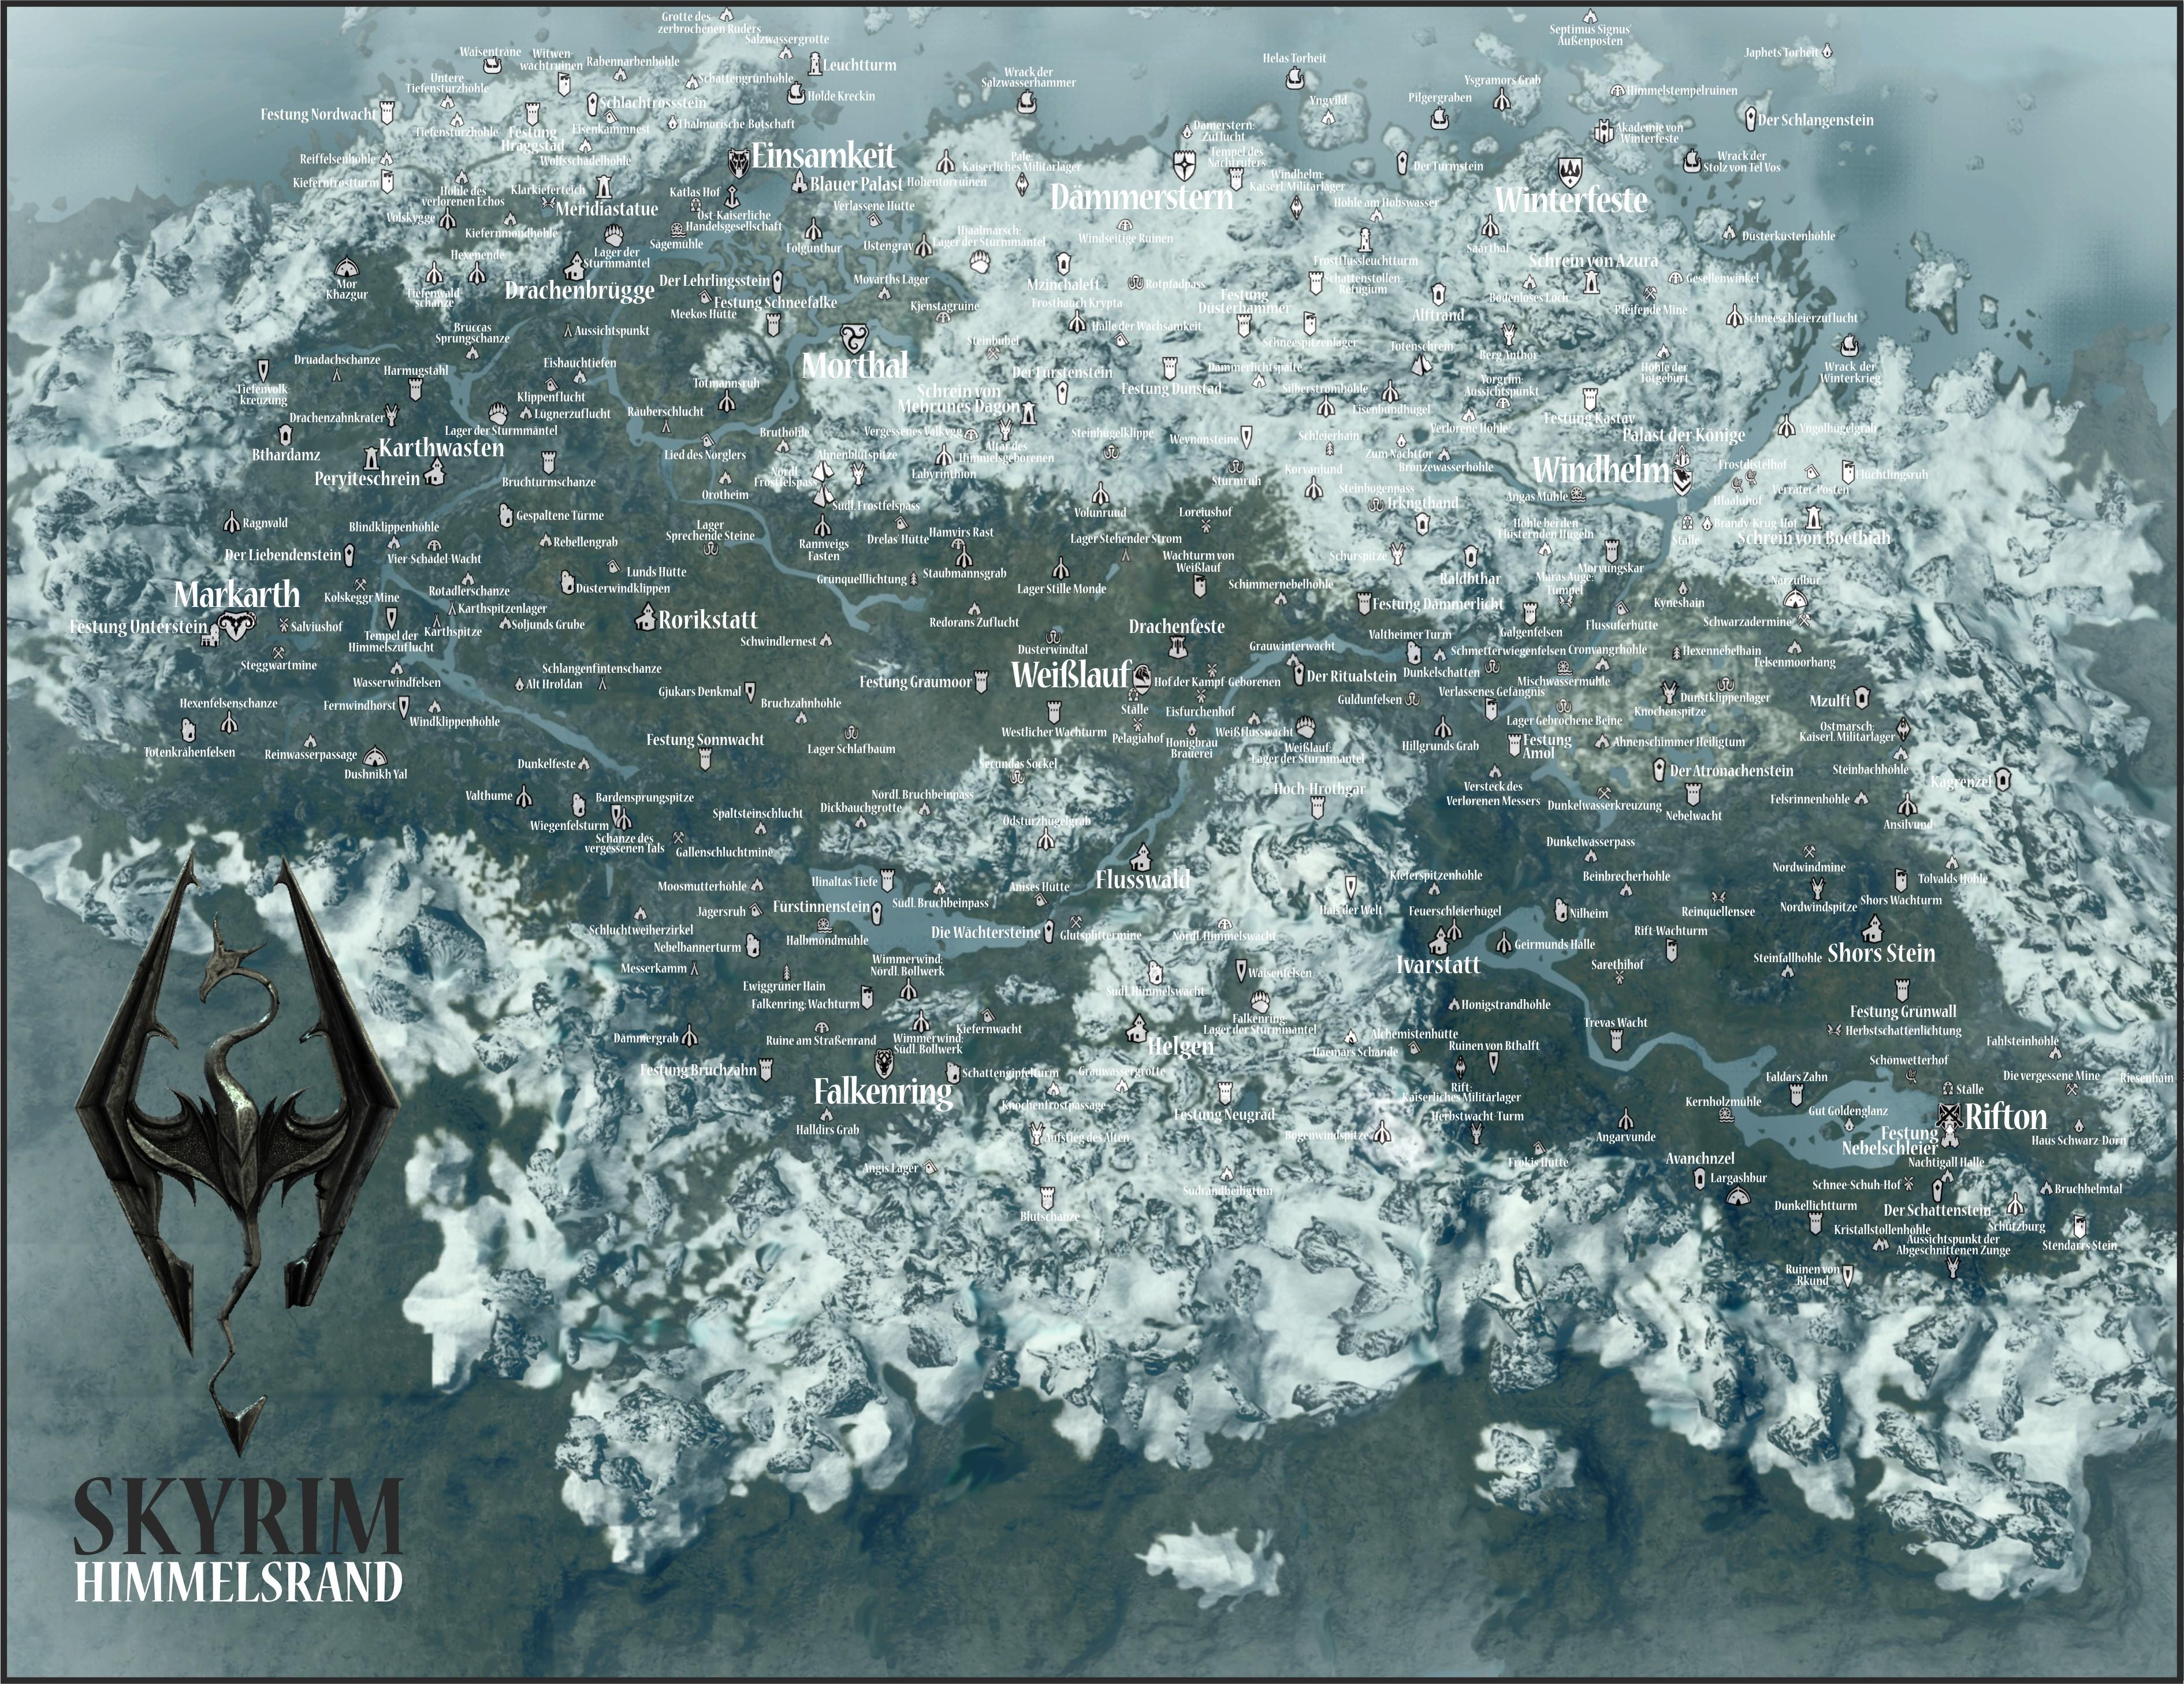 Skyrim Die Karte Von Himmelsrand Mit Allen Städten Verließen Und